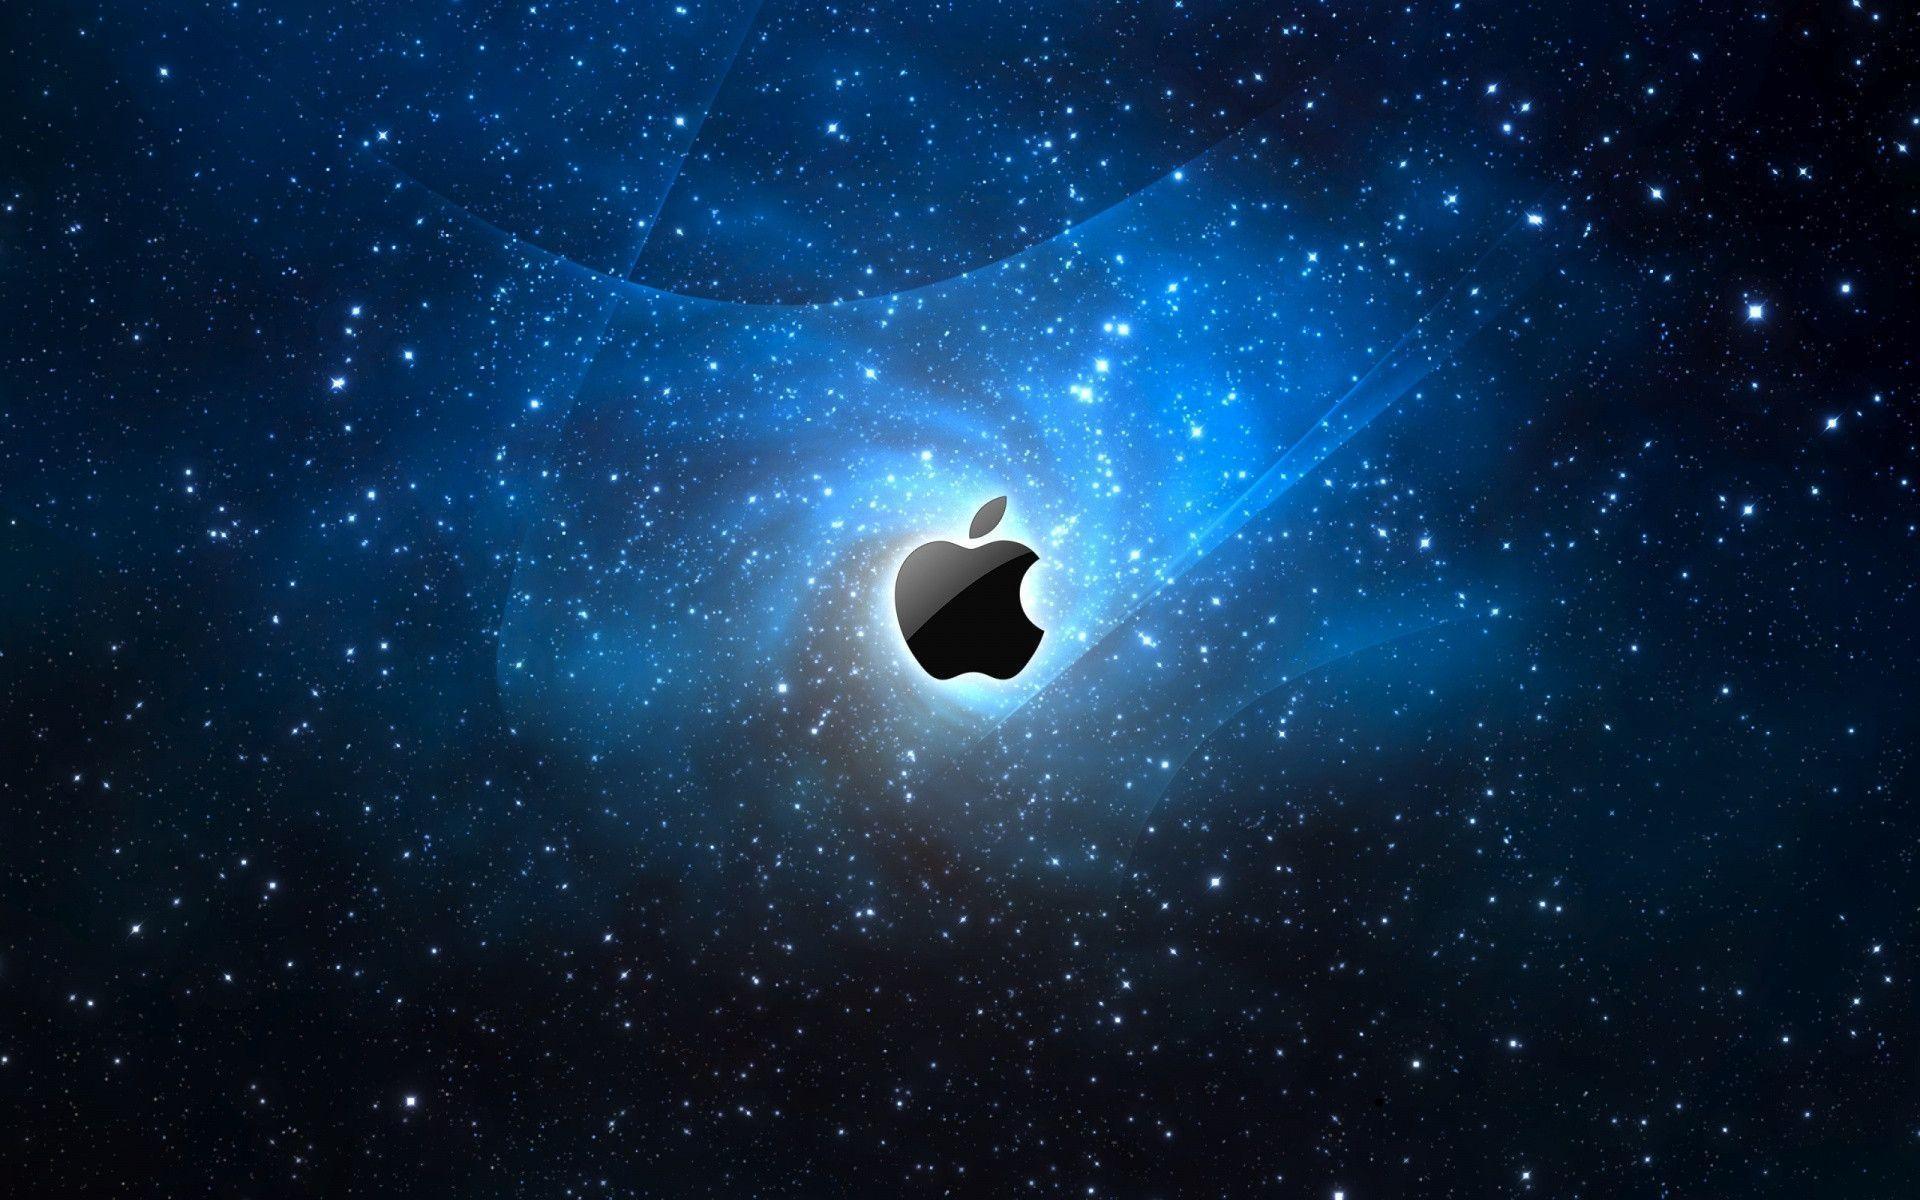 Apple Desktop Wallpapers   Top Apple Desktop Backgrounds 1920x1200